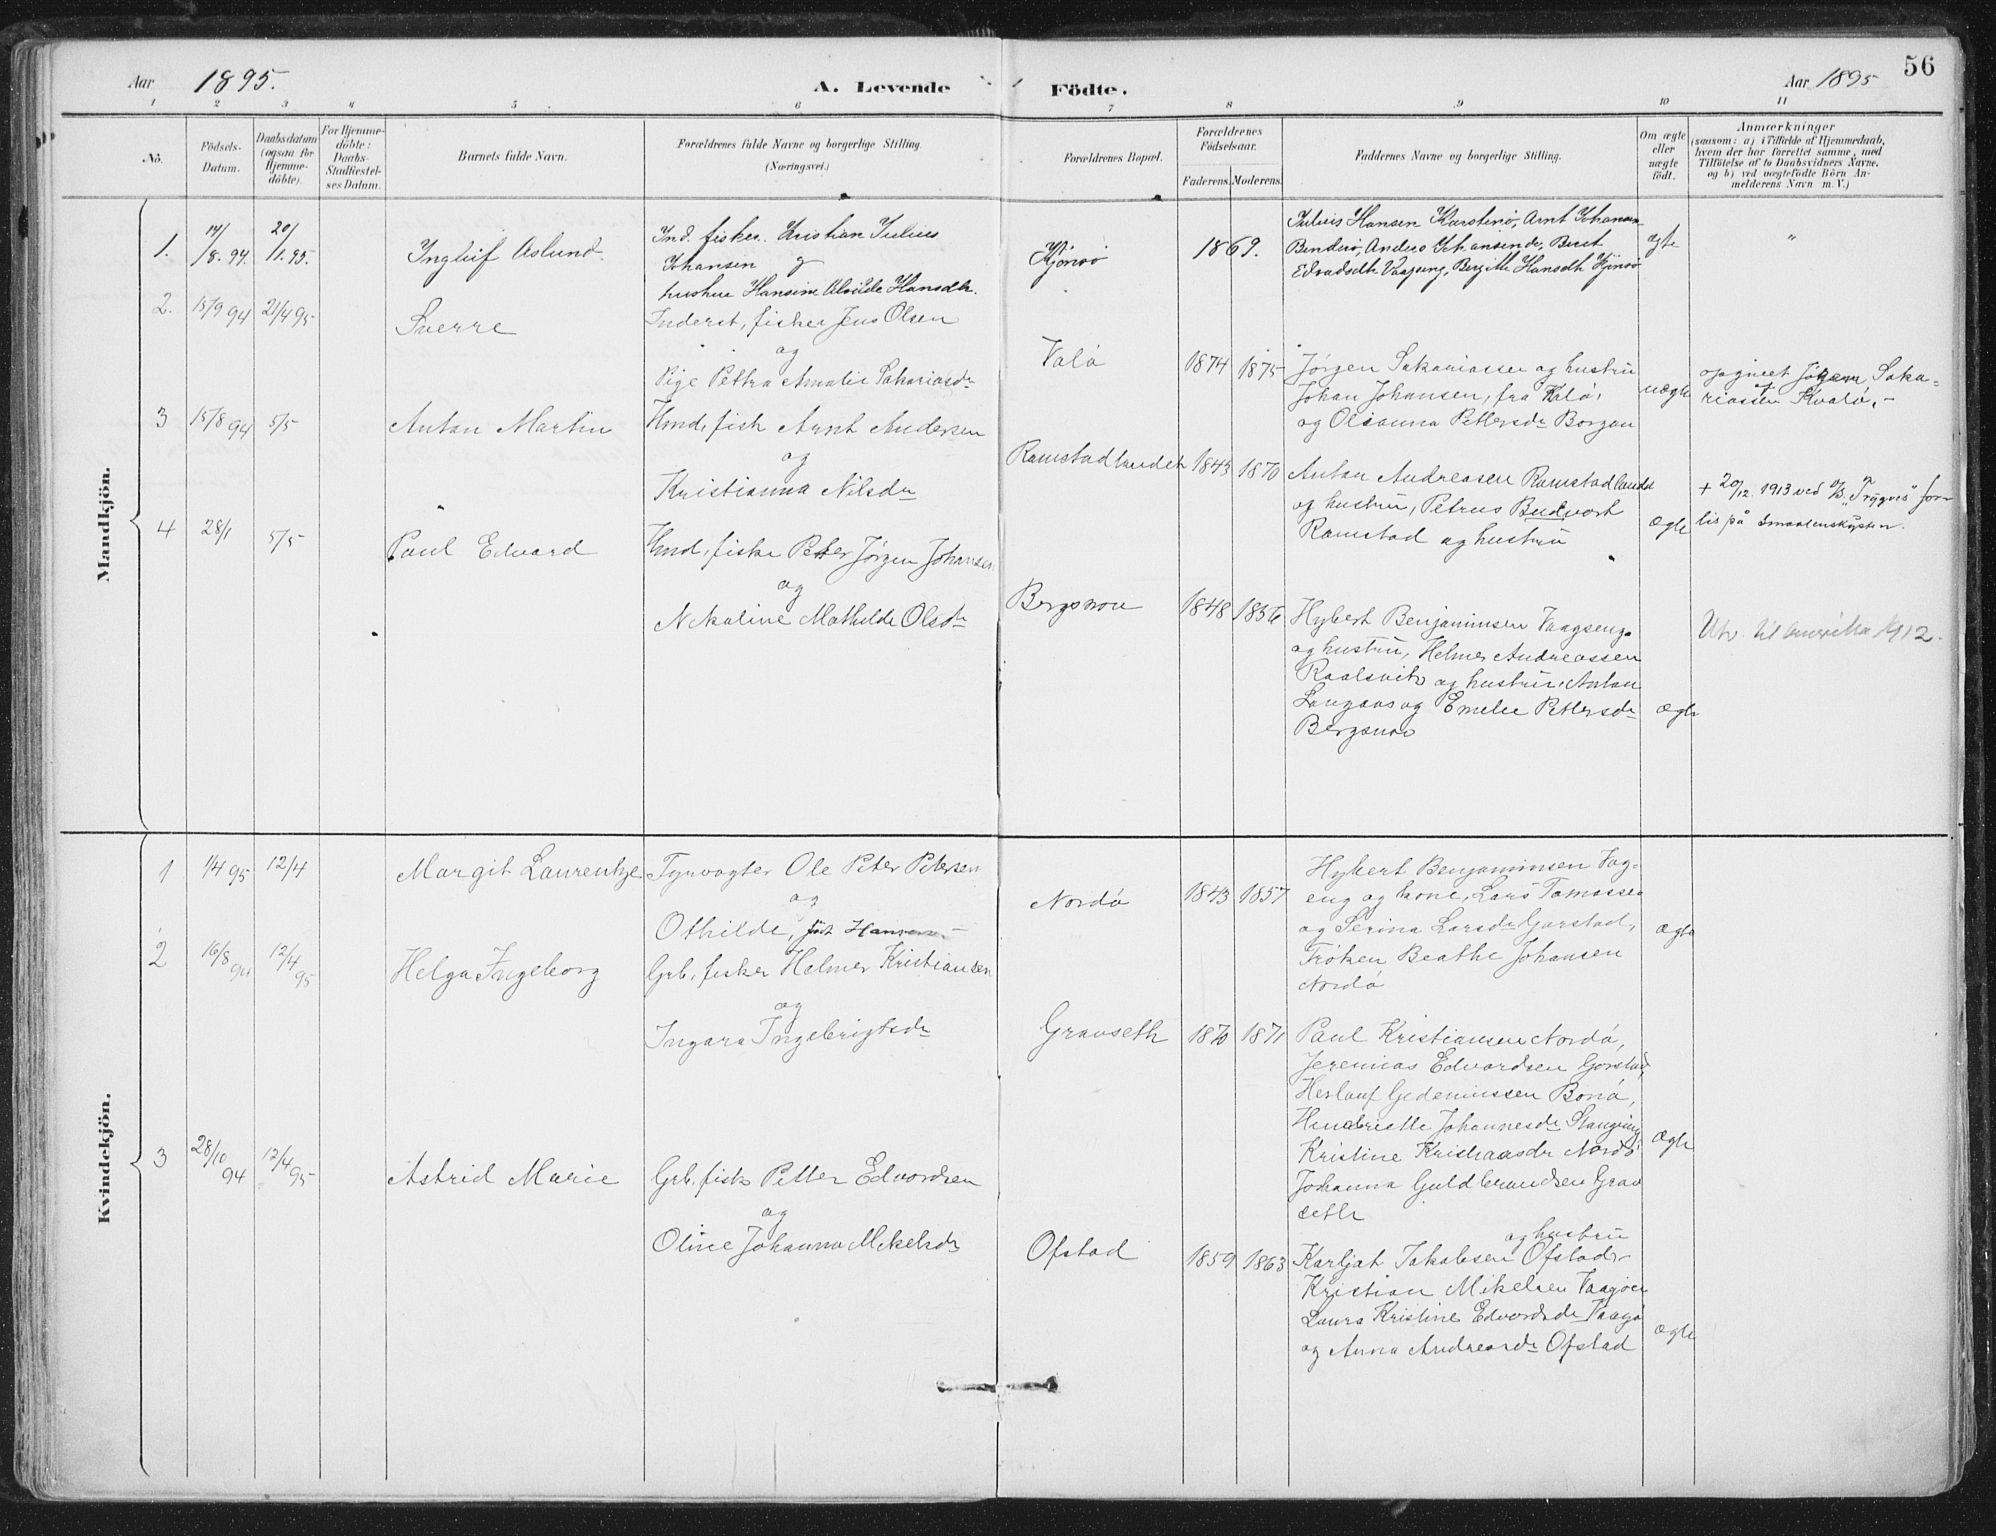 SAT, Ministerialprotokoller, klokkerbøker og fødselsregistre - Nord-Trøndelag, 786/L0687: Ministerialbok nr. 786A03, 1888-1898, s. 56